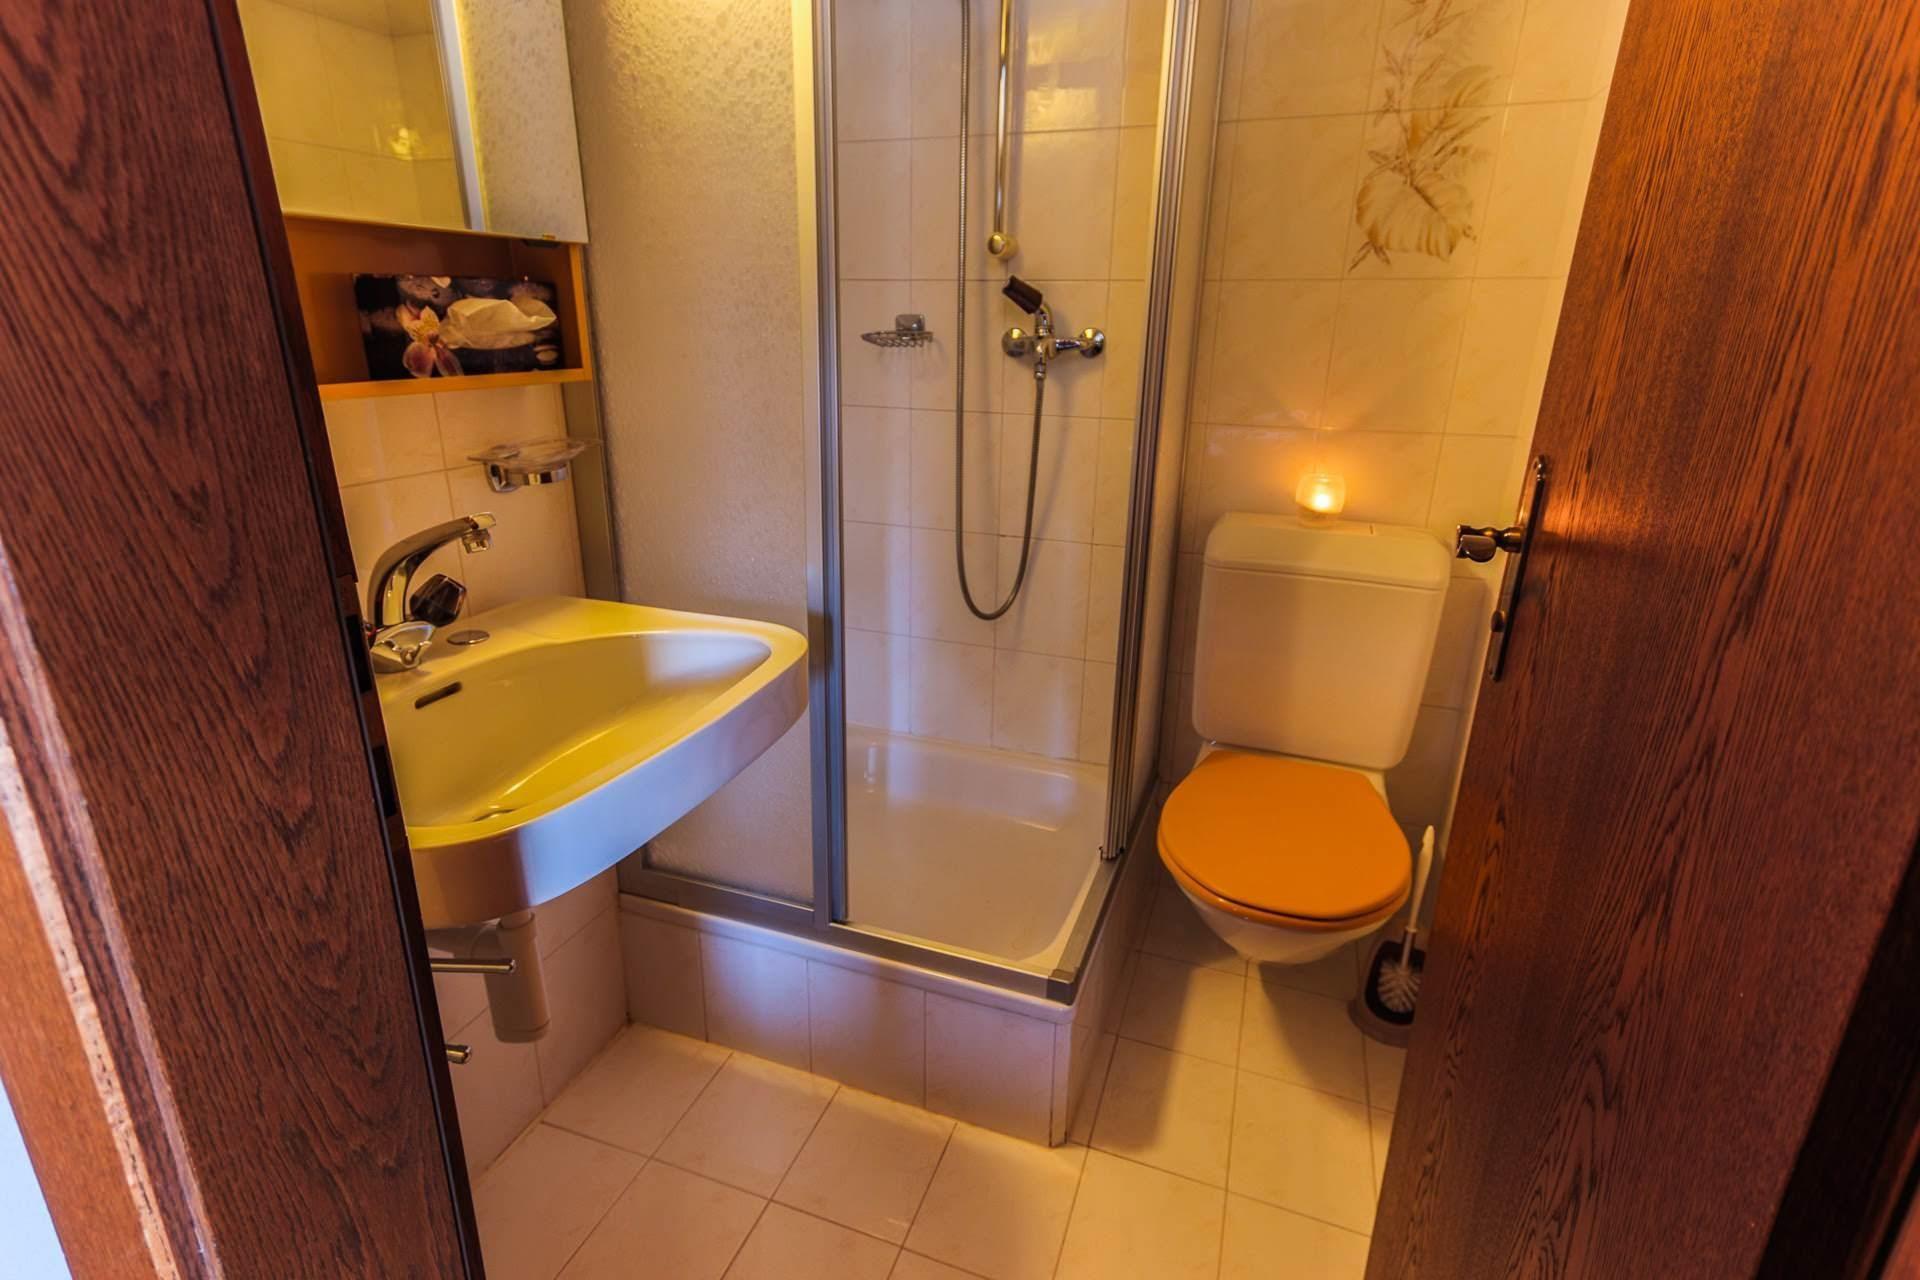 WC - Dom - Monte Rosa 1